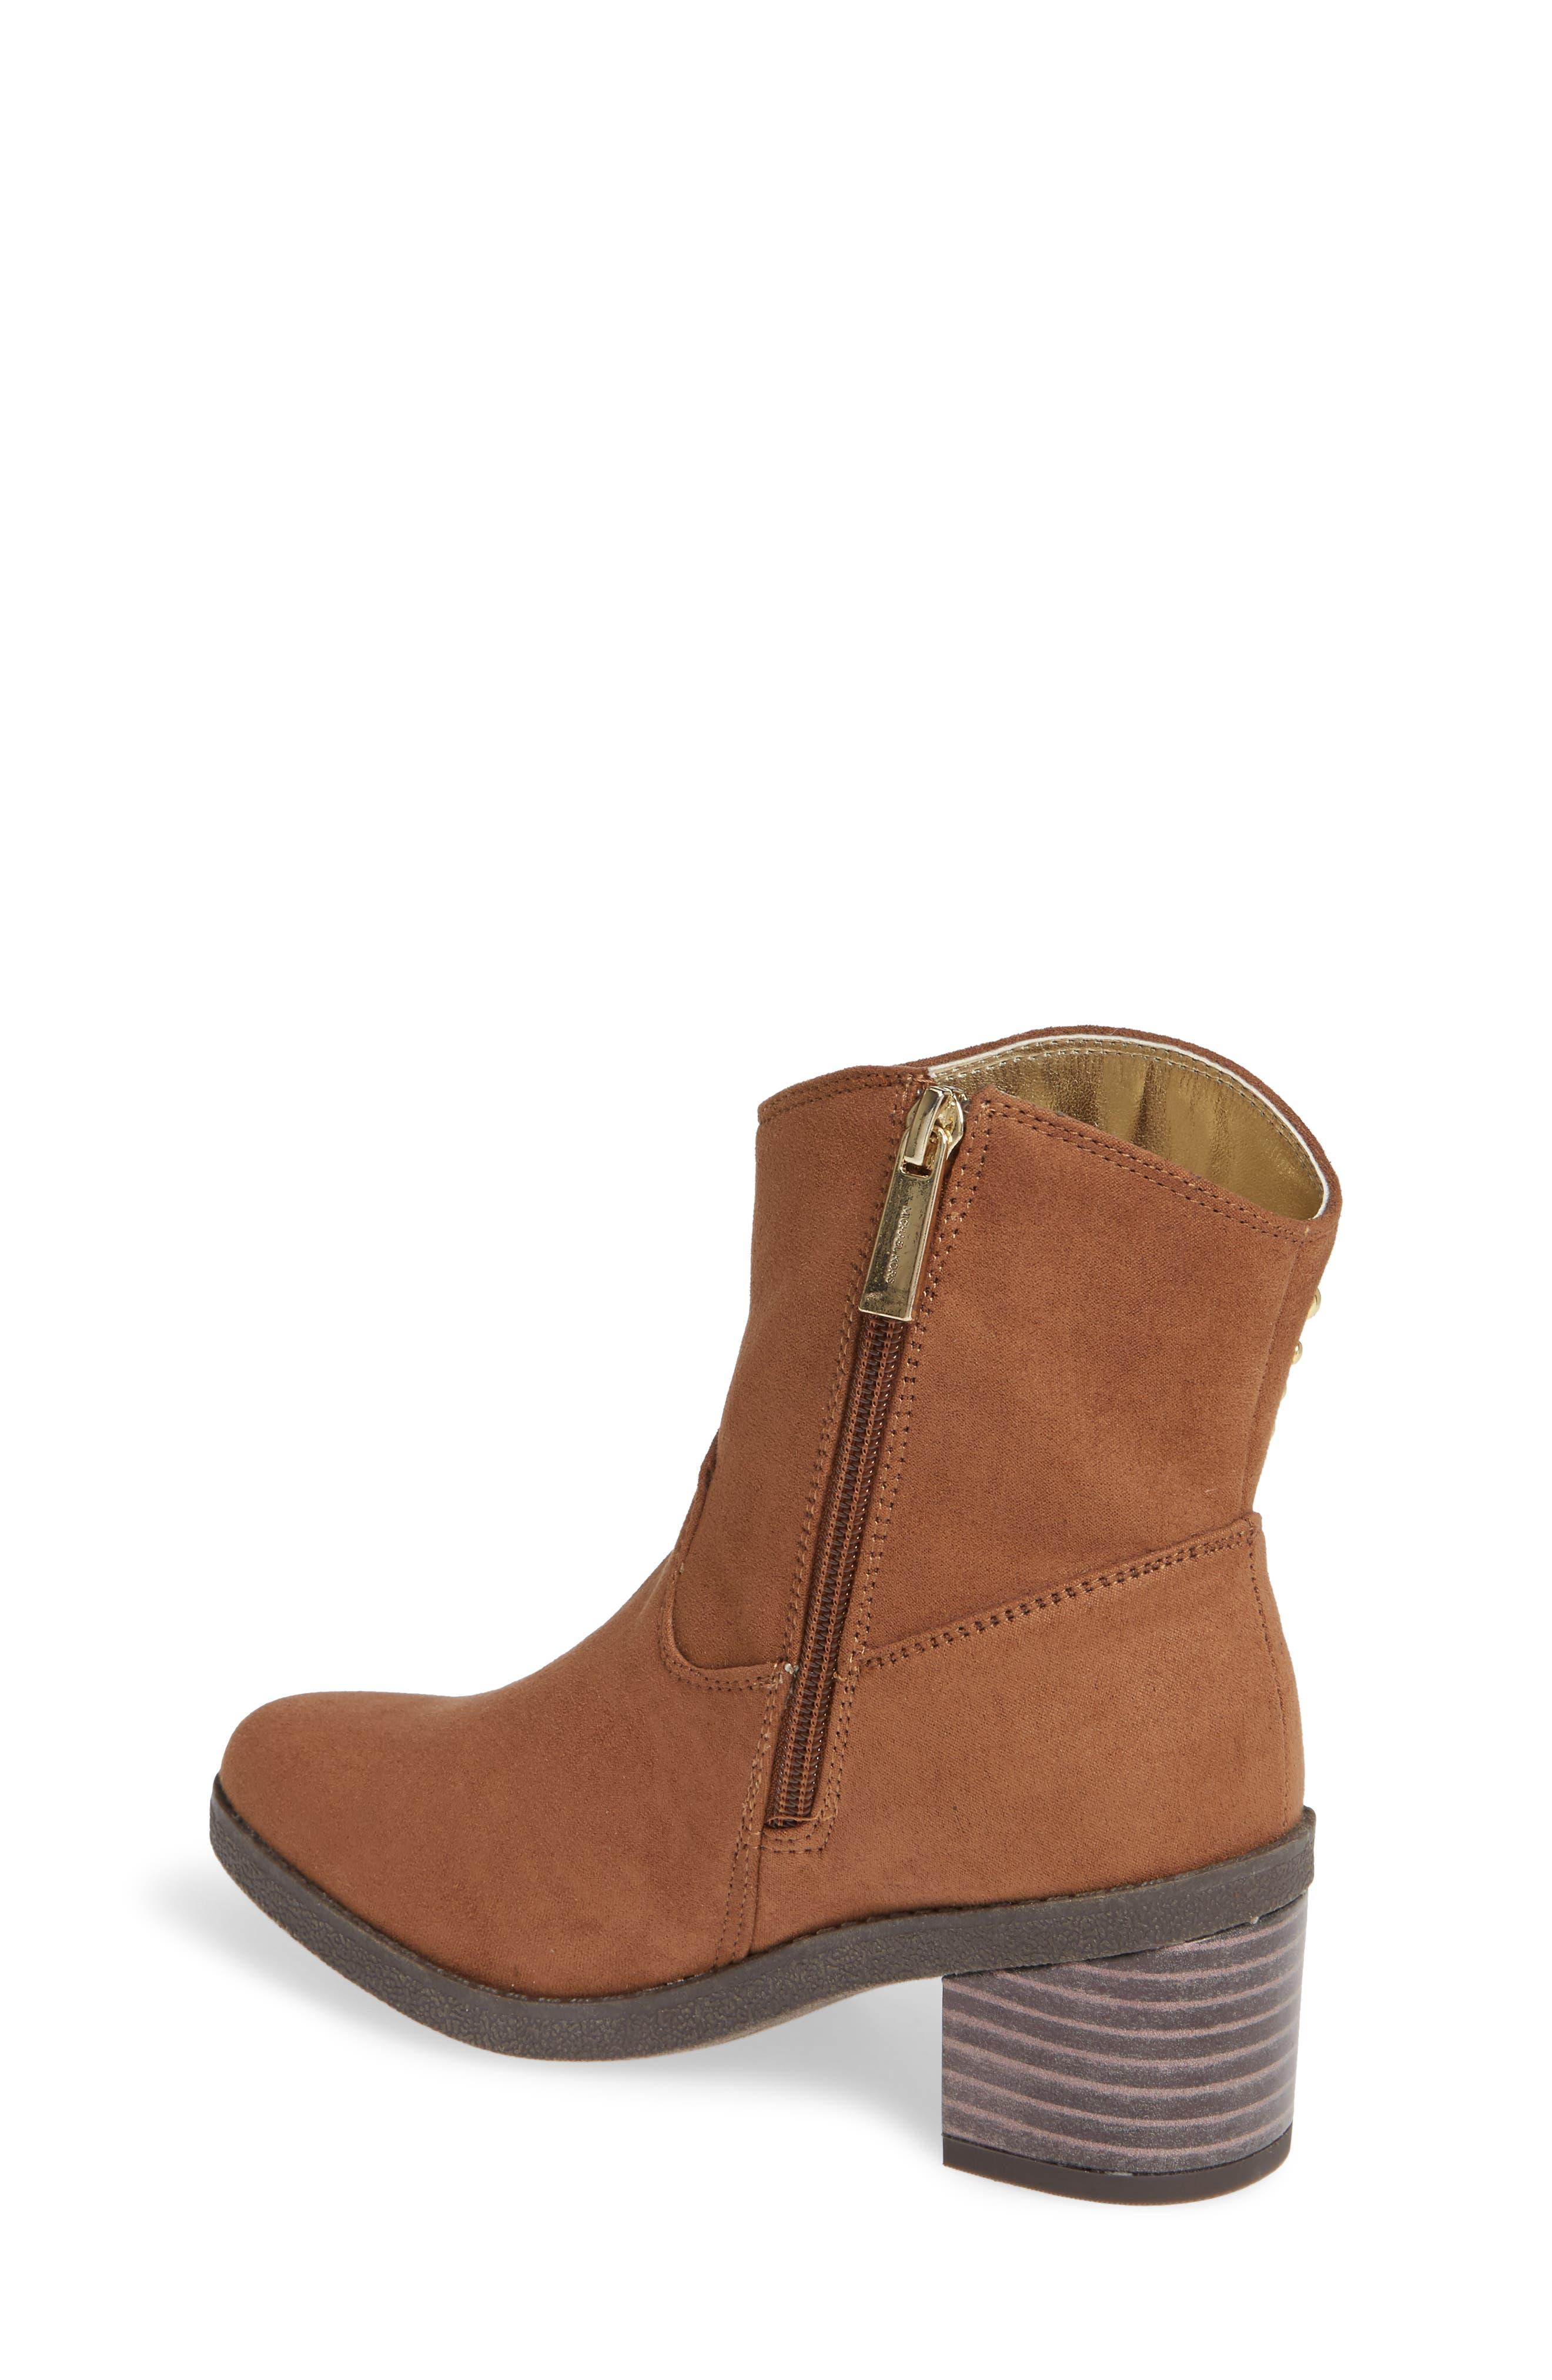 Fawn Desert Studded Boot,                             Alternate thumbnail 2, color,                             CARAMEL